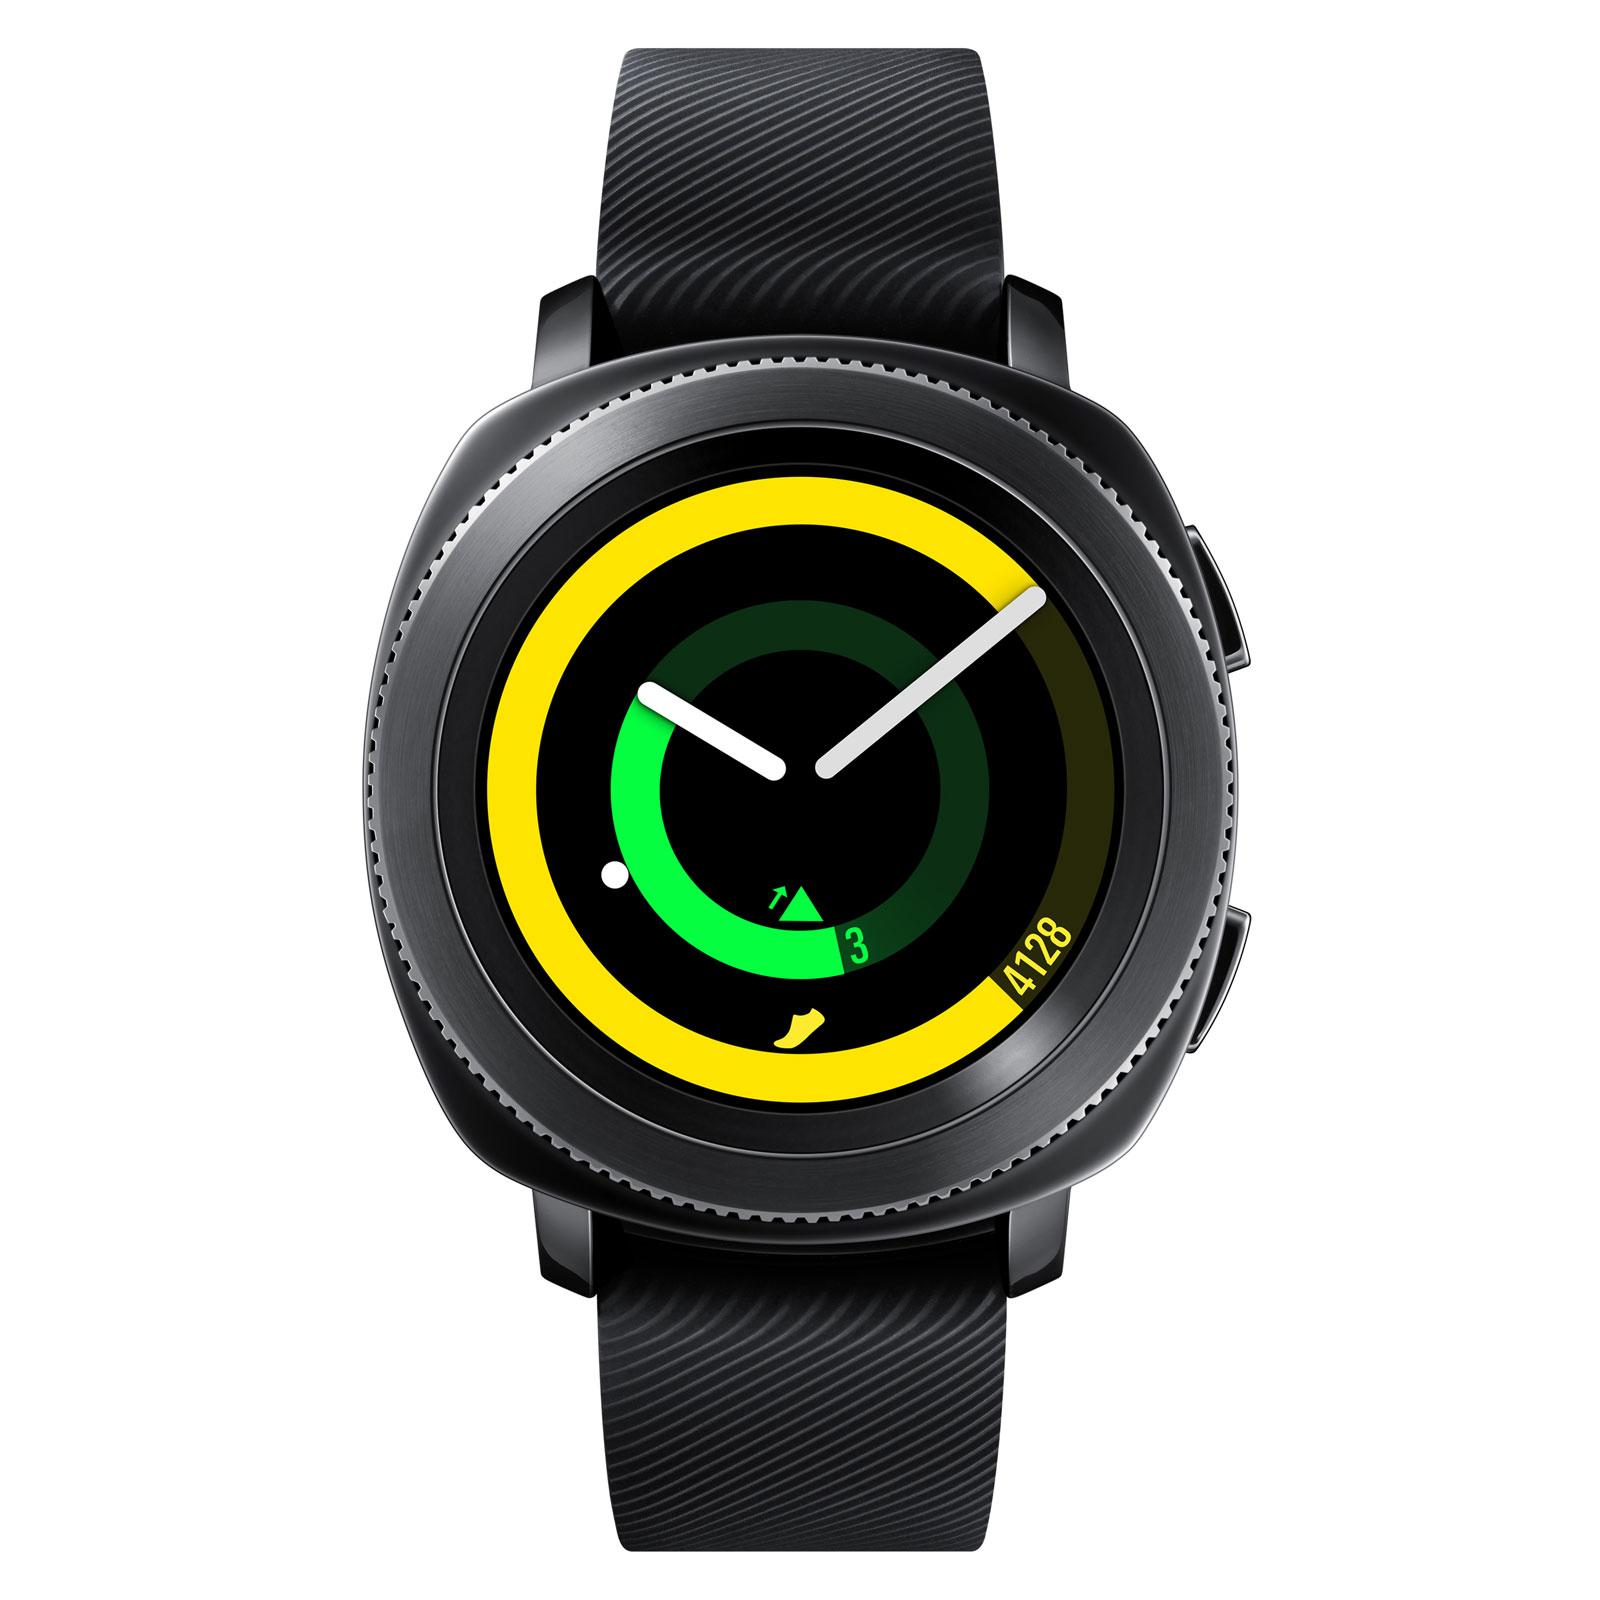 """Montre connectée Samsung Gear Sport Gris Acier Montre connectée étanche - Ecran 1.2"""" Super AMOLED 360 x 360 pixels - 4 Go - GPS - Wi-Fi/NFC/Bluetooth 4.2 - 300 mAh - Tizen 3.0"""